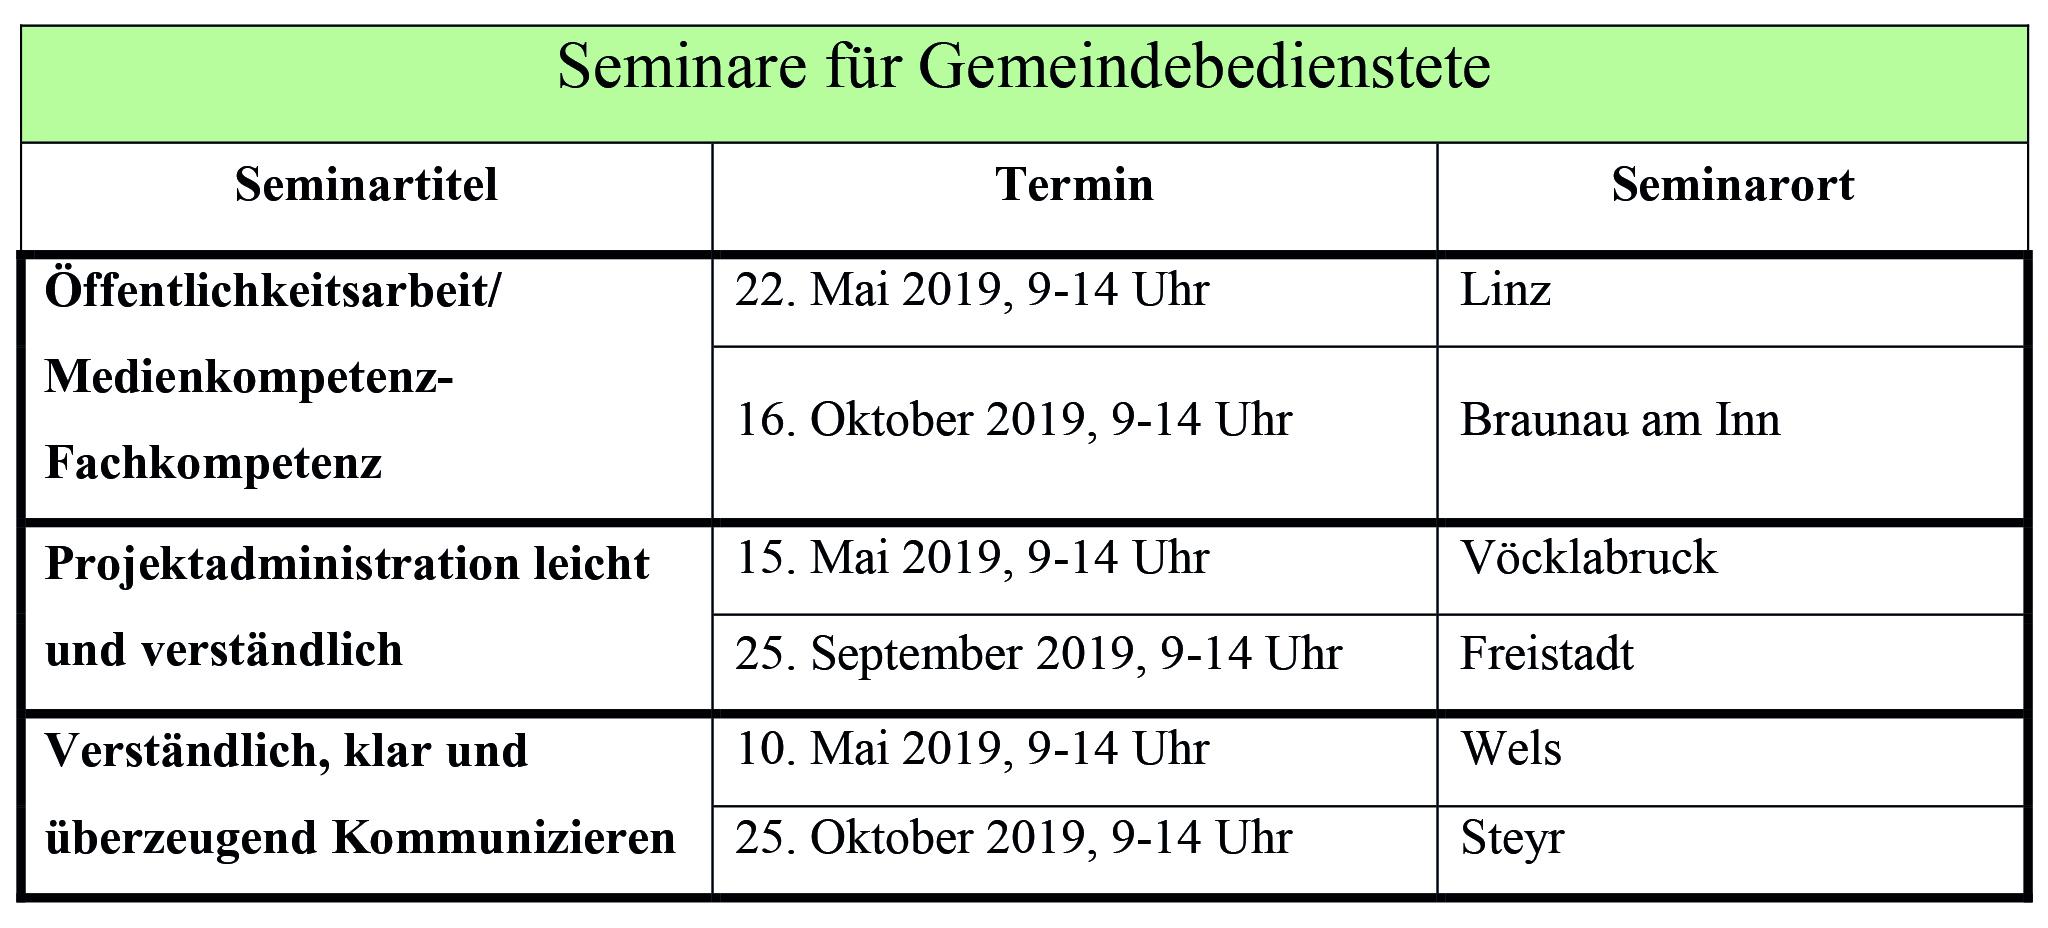 Seminare für Gemeindebedienstete